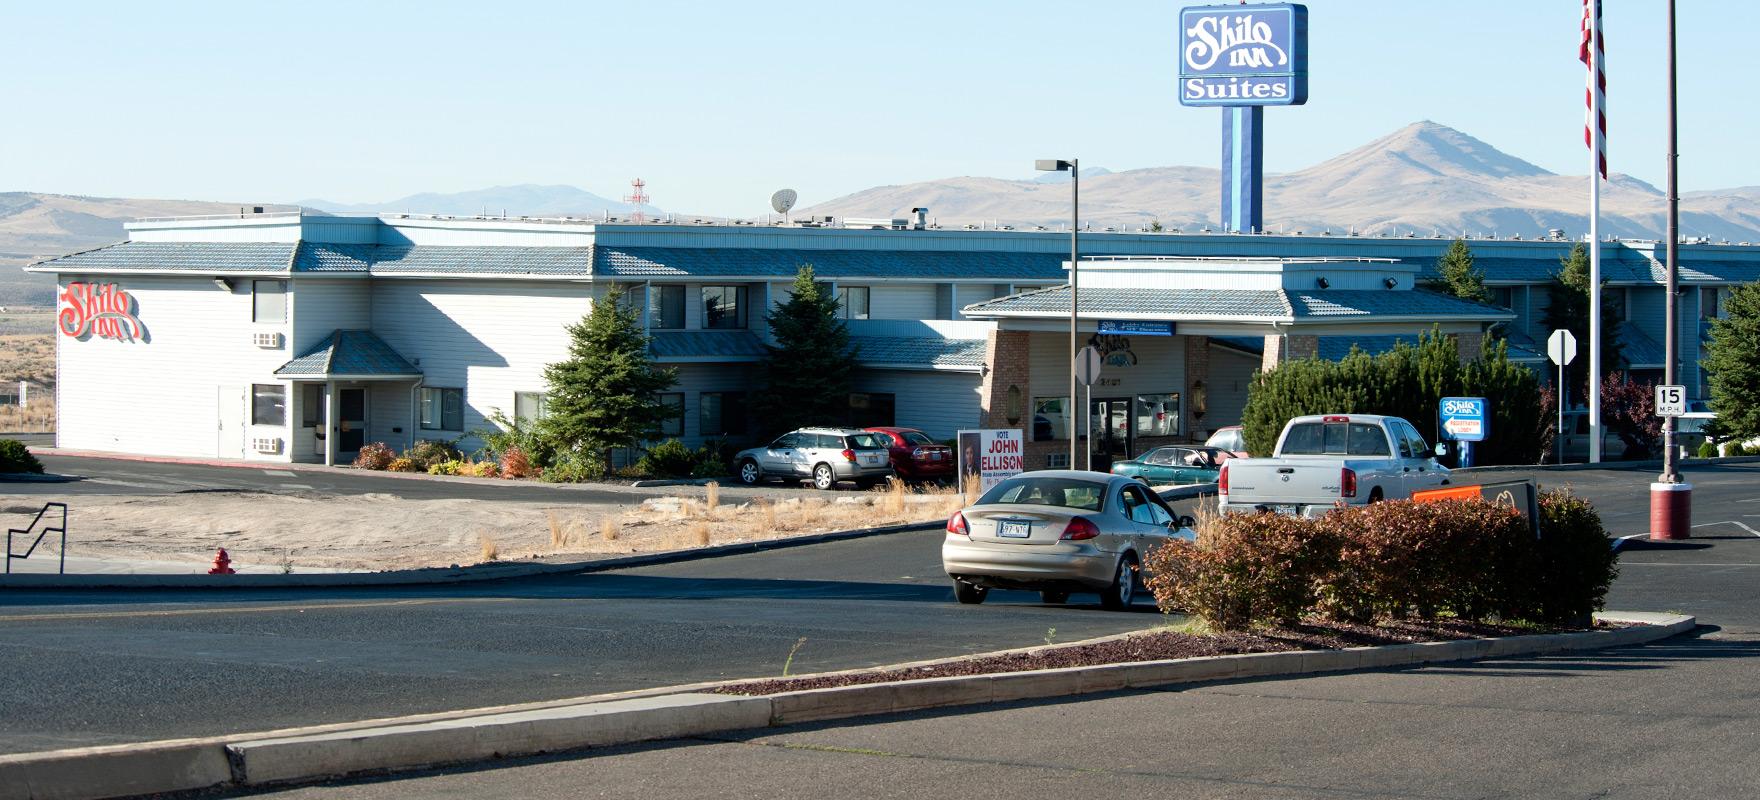 Shilo Inns Suites Hotels - Klamath Falls | Oregon bwin bwin apuestas werbung bwin Live-Fußballergebnisse